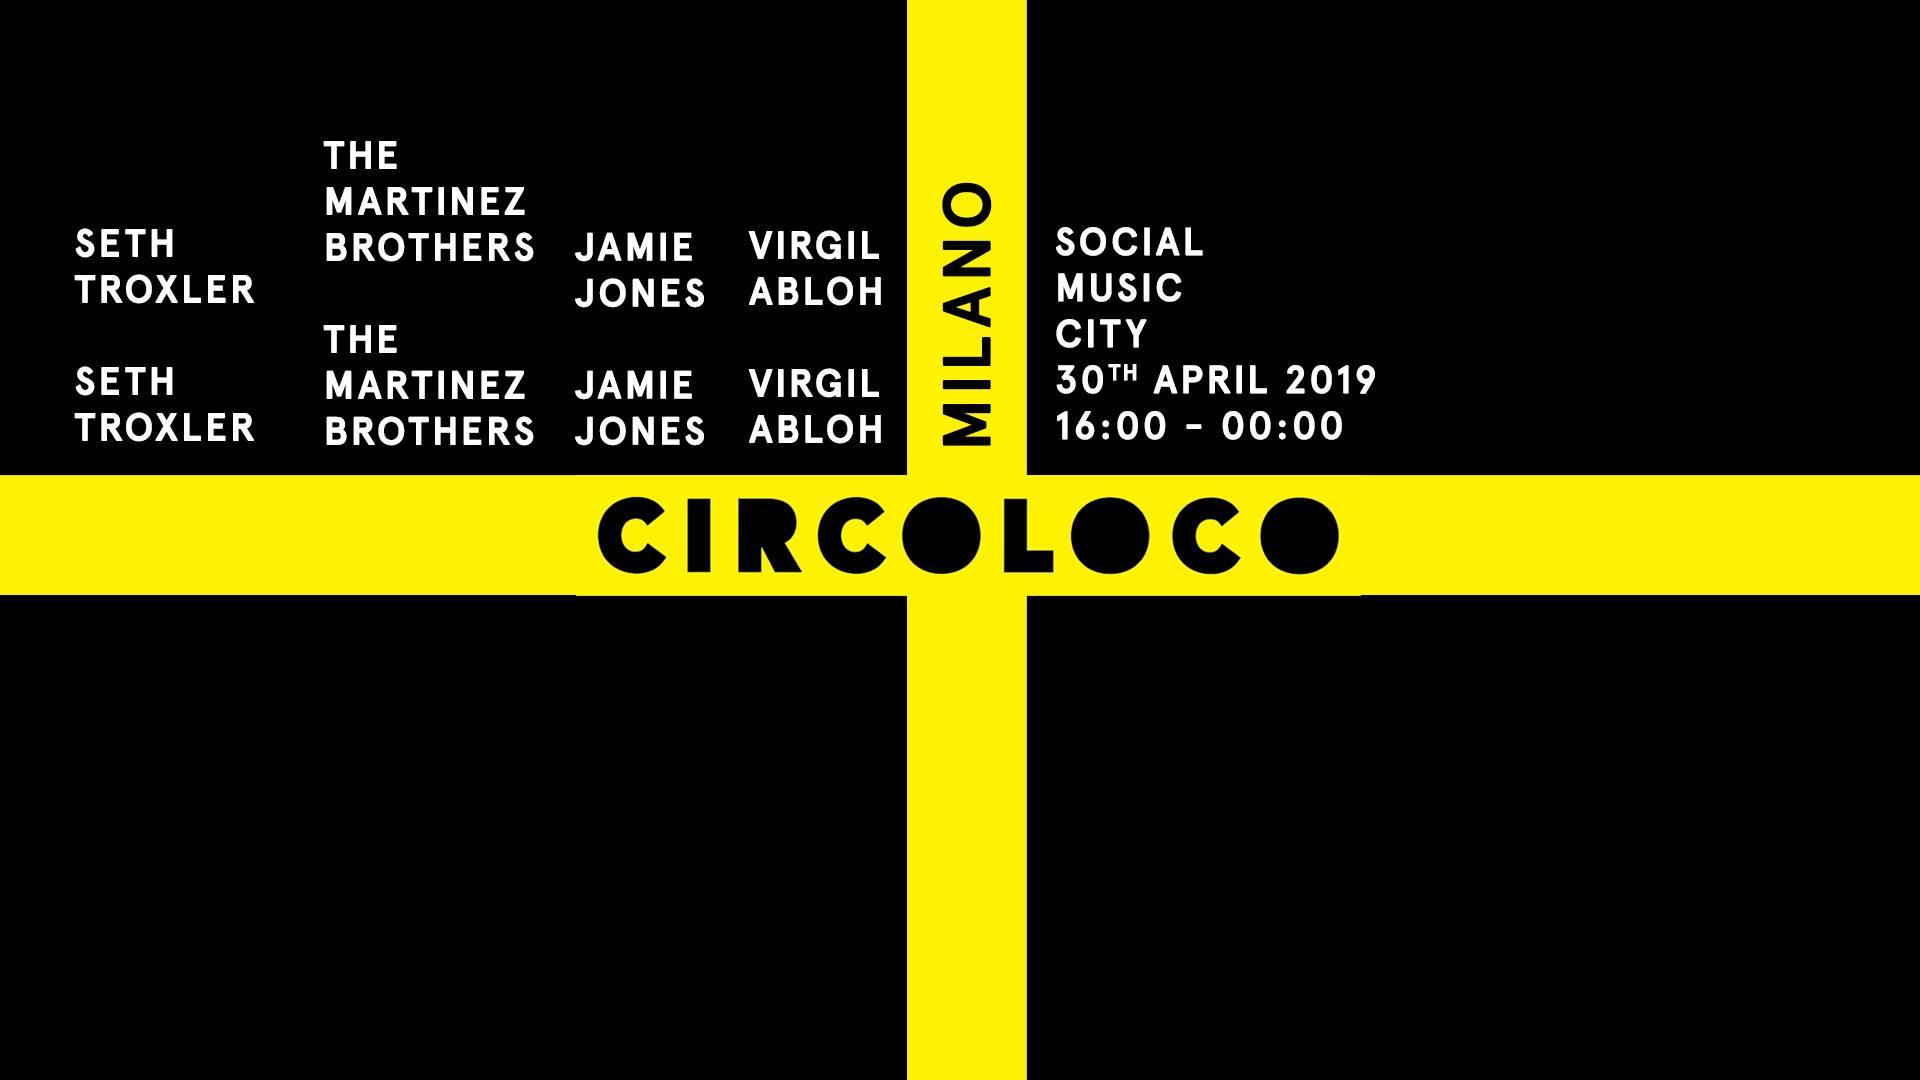 Circoloco Milano Social Music City – 30 Aprile 2019 – Ticket Pacchetti Hotel